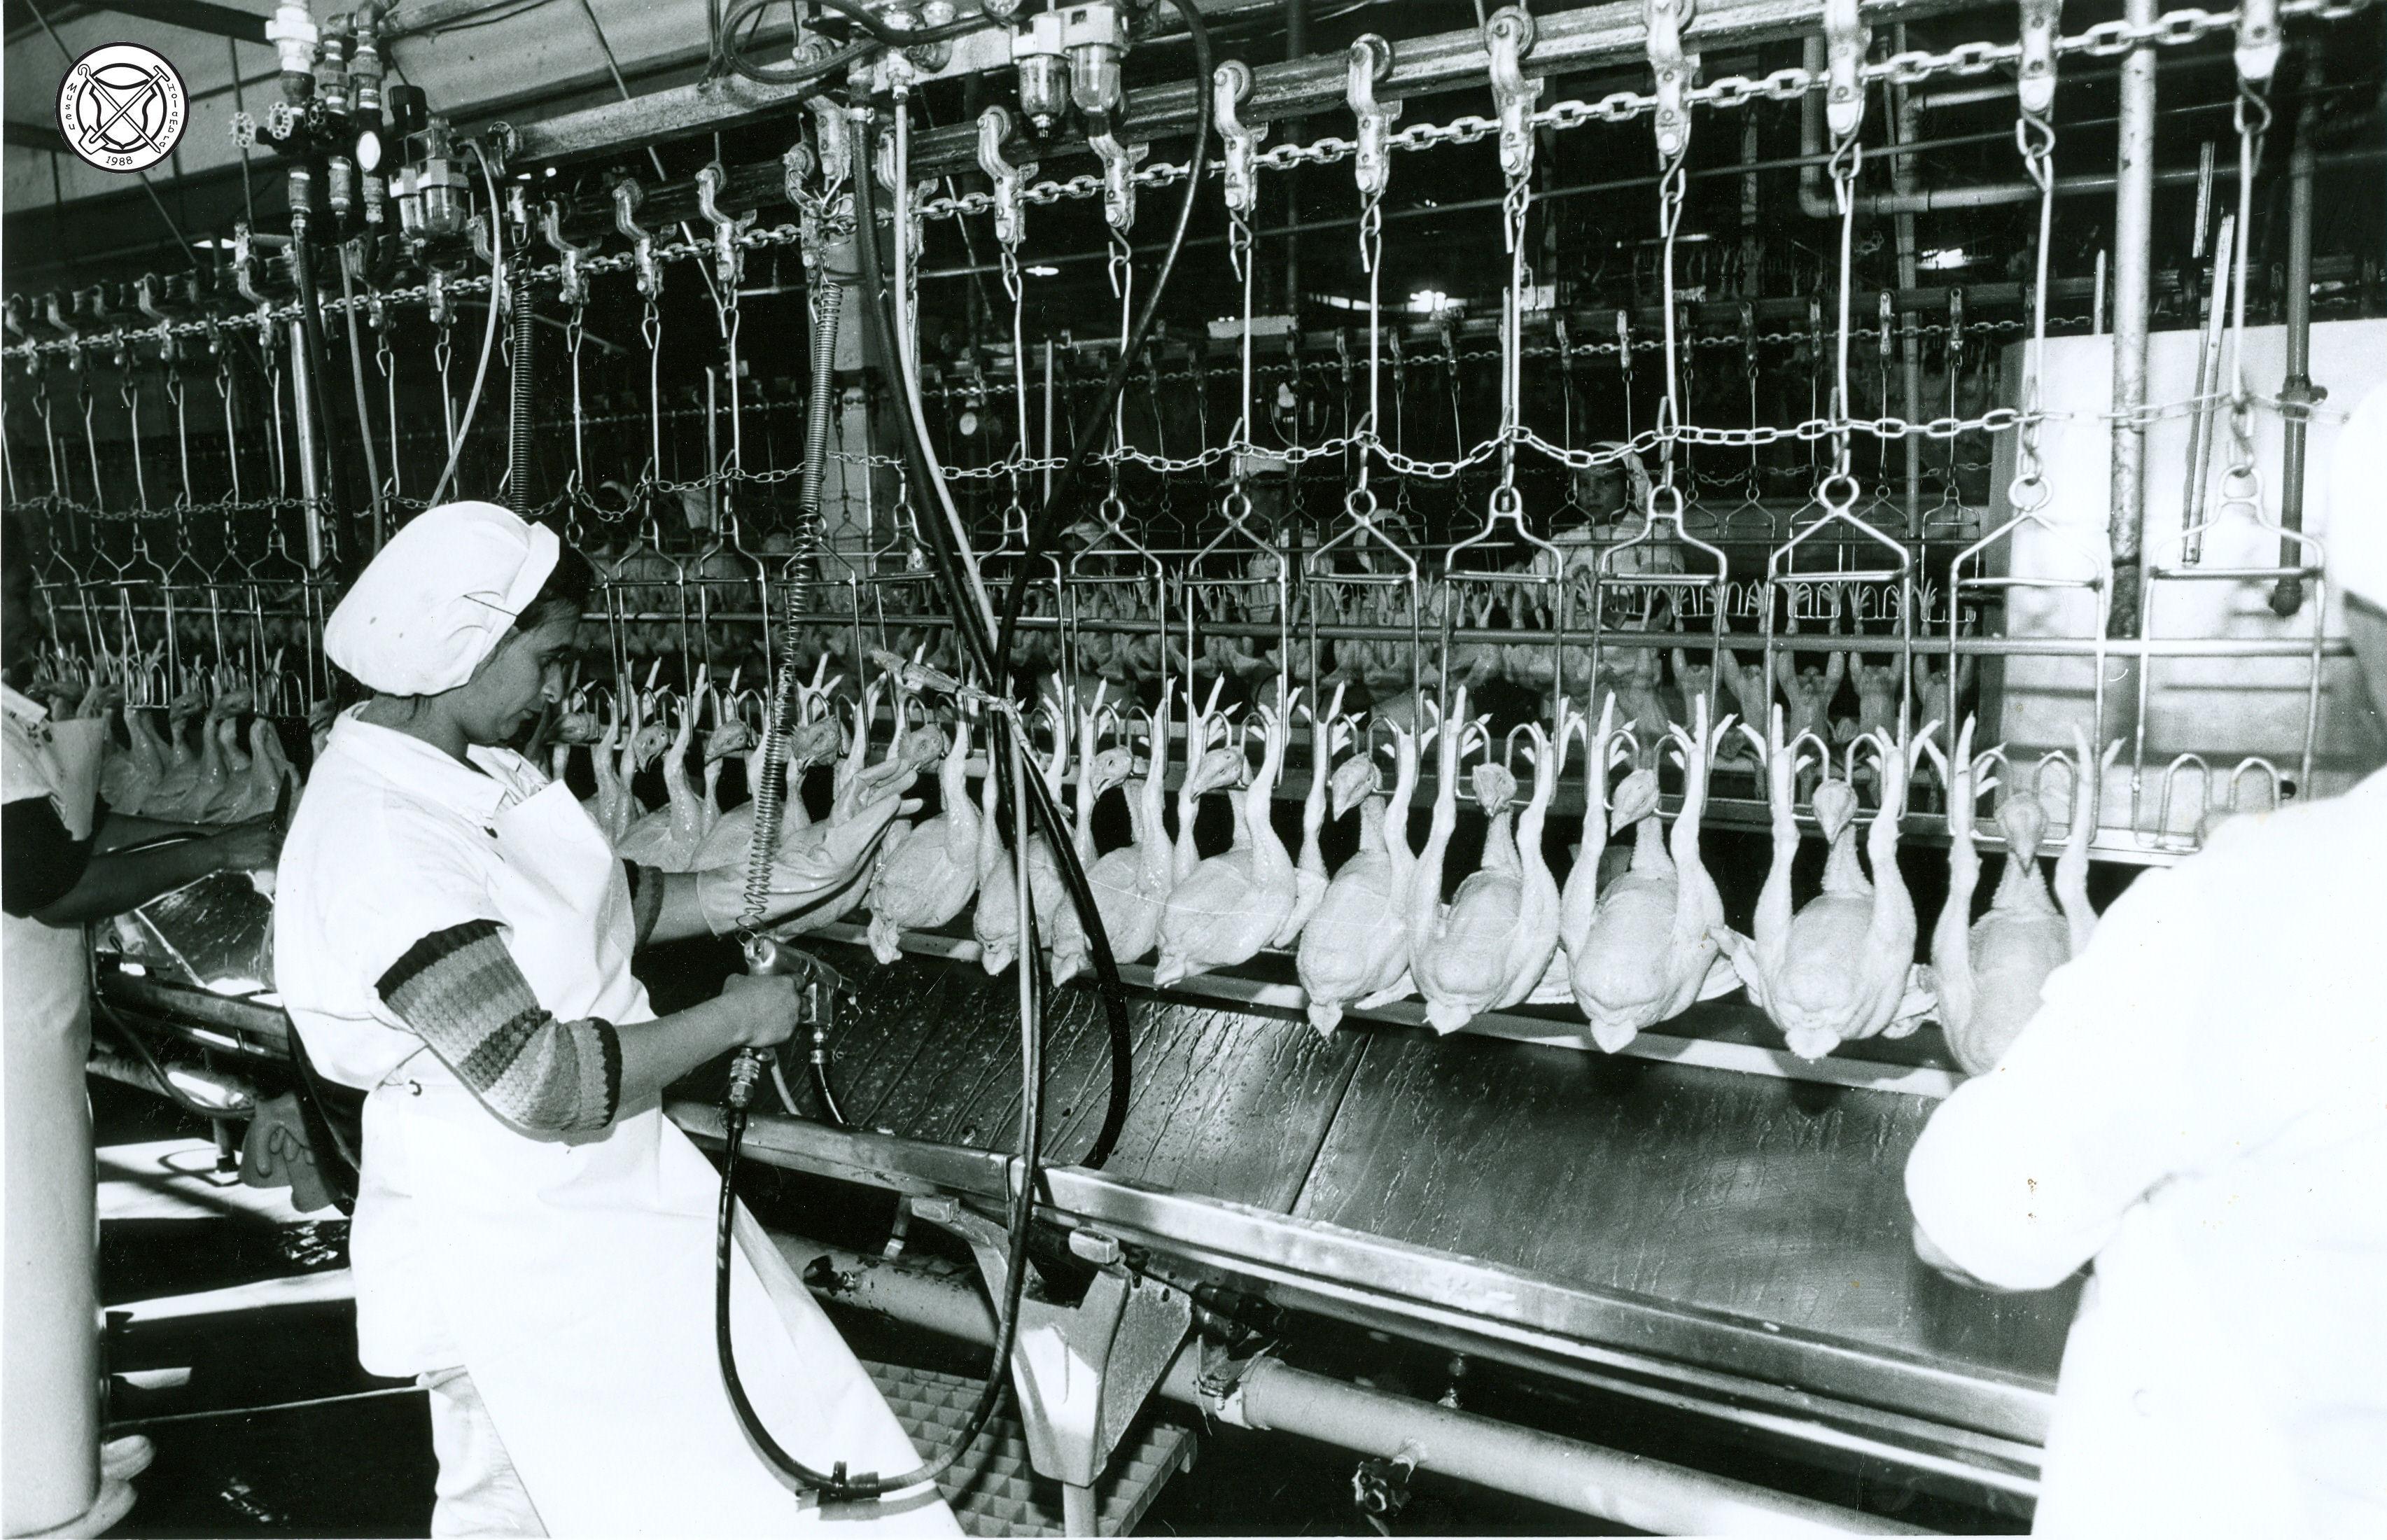 Het verwijderen van ingewanden en schoonspuiten van geslachte kippen